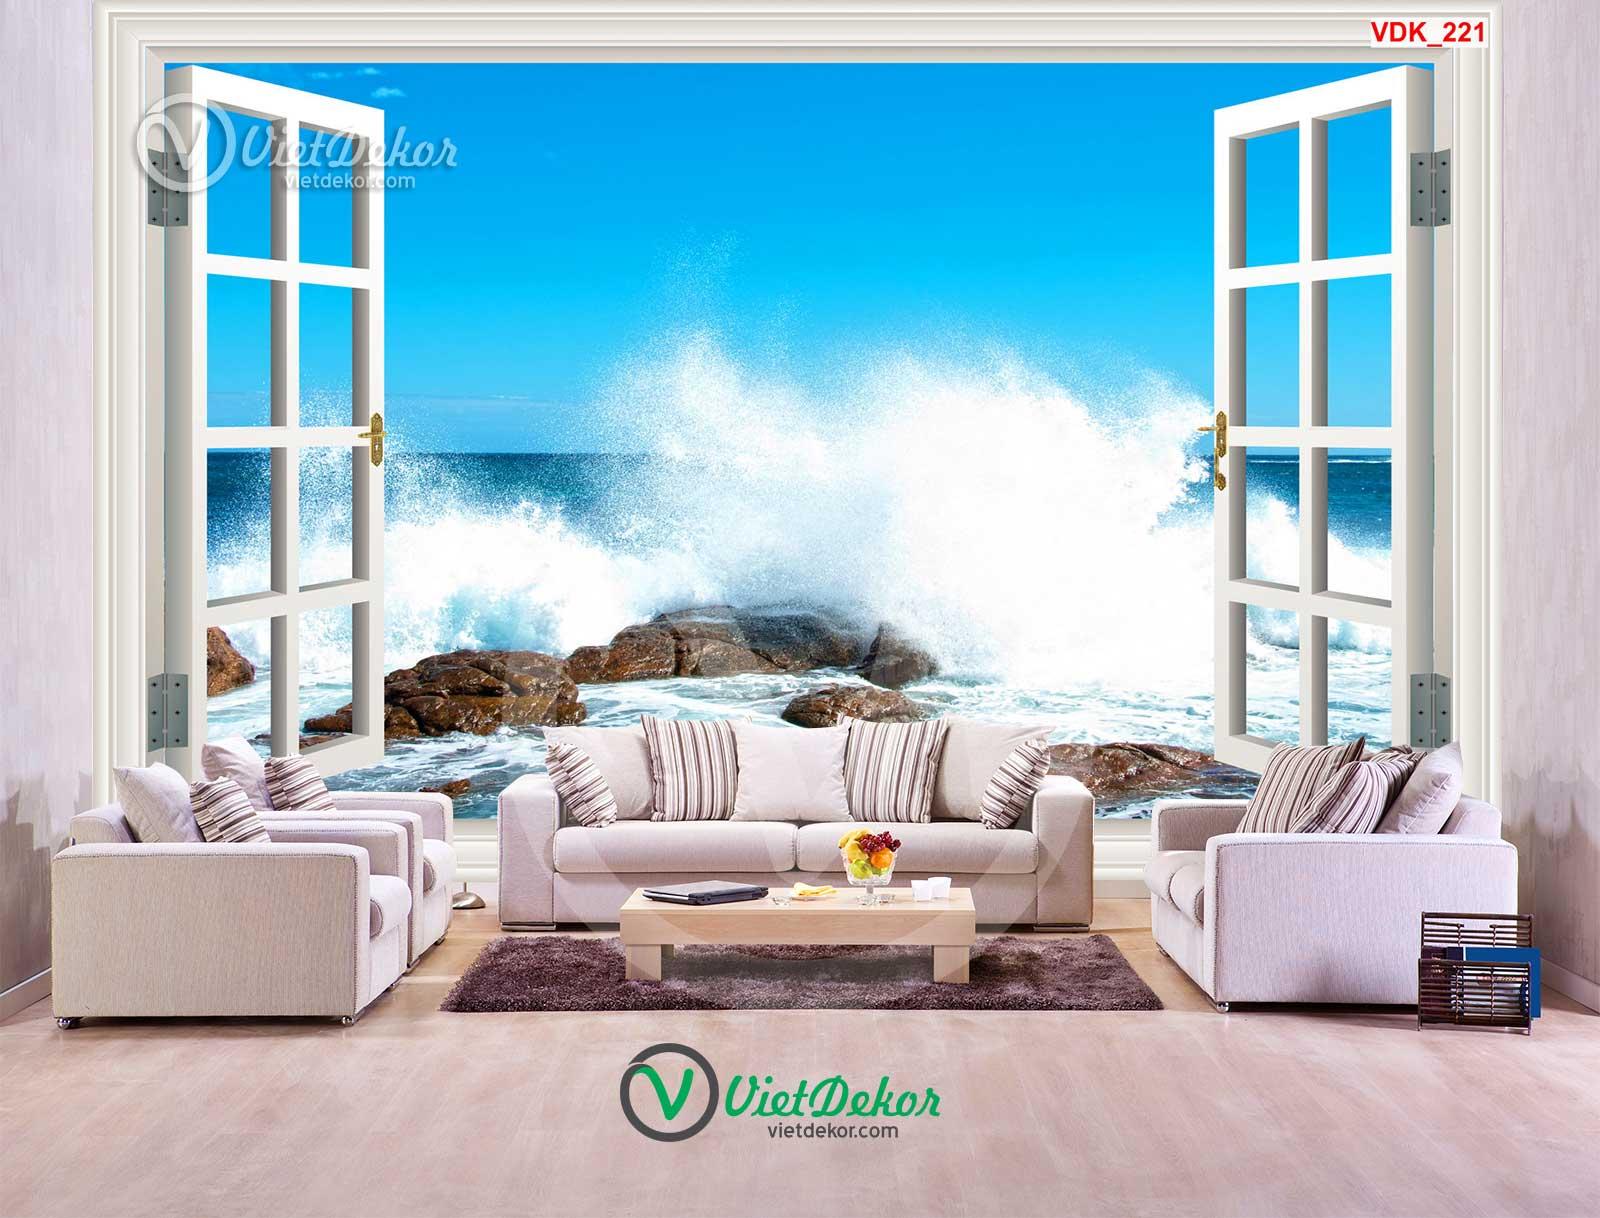 Tranh dán tường 3d cửa sổ sóng biển